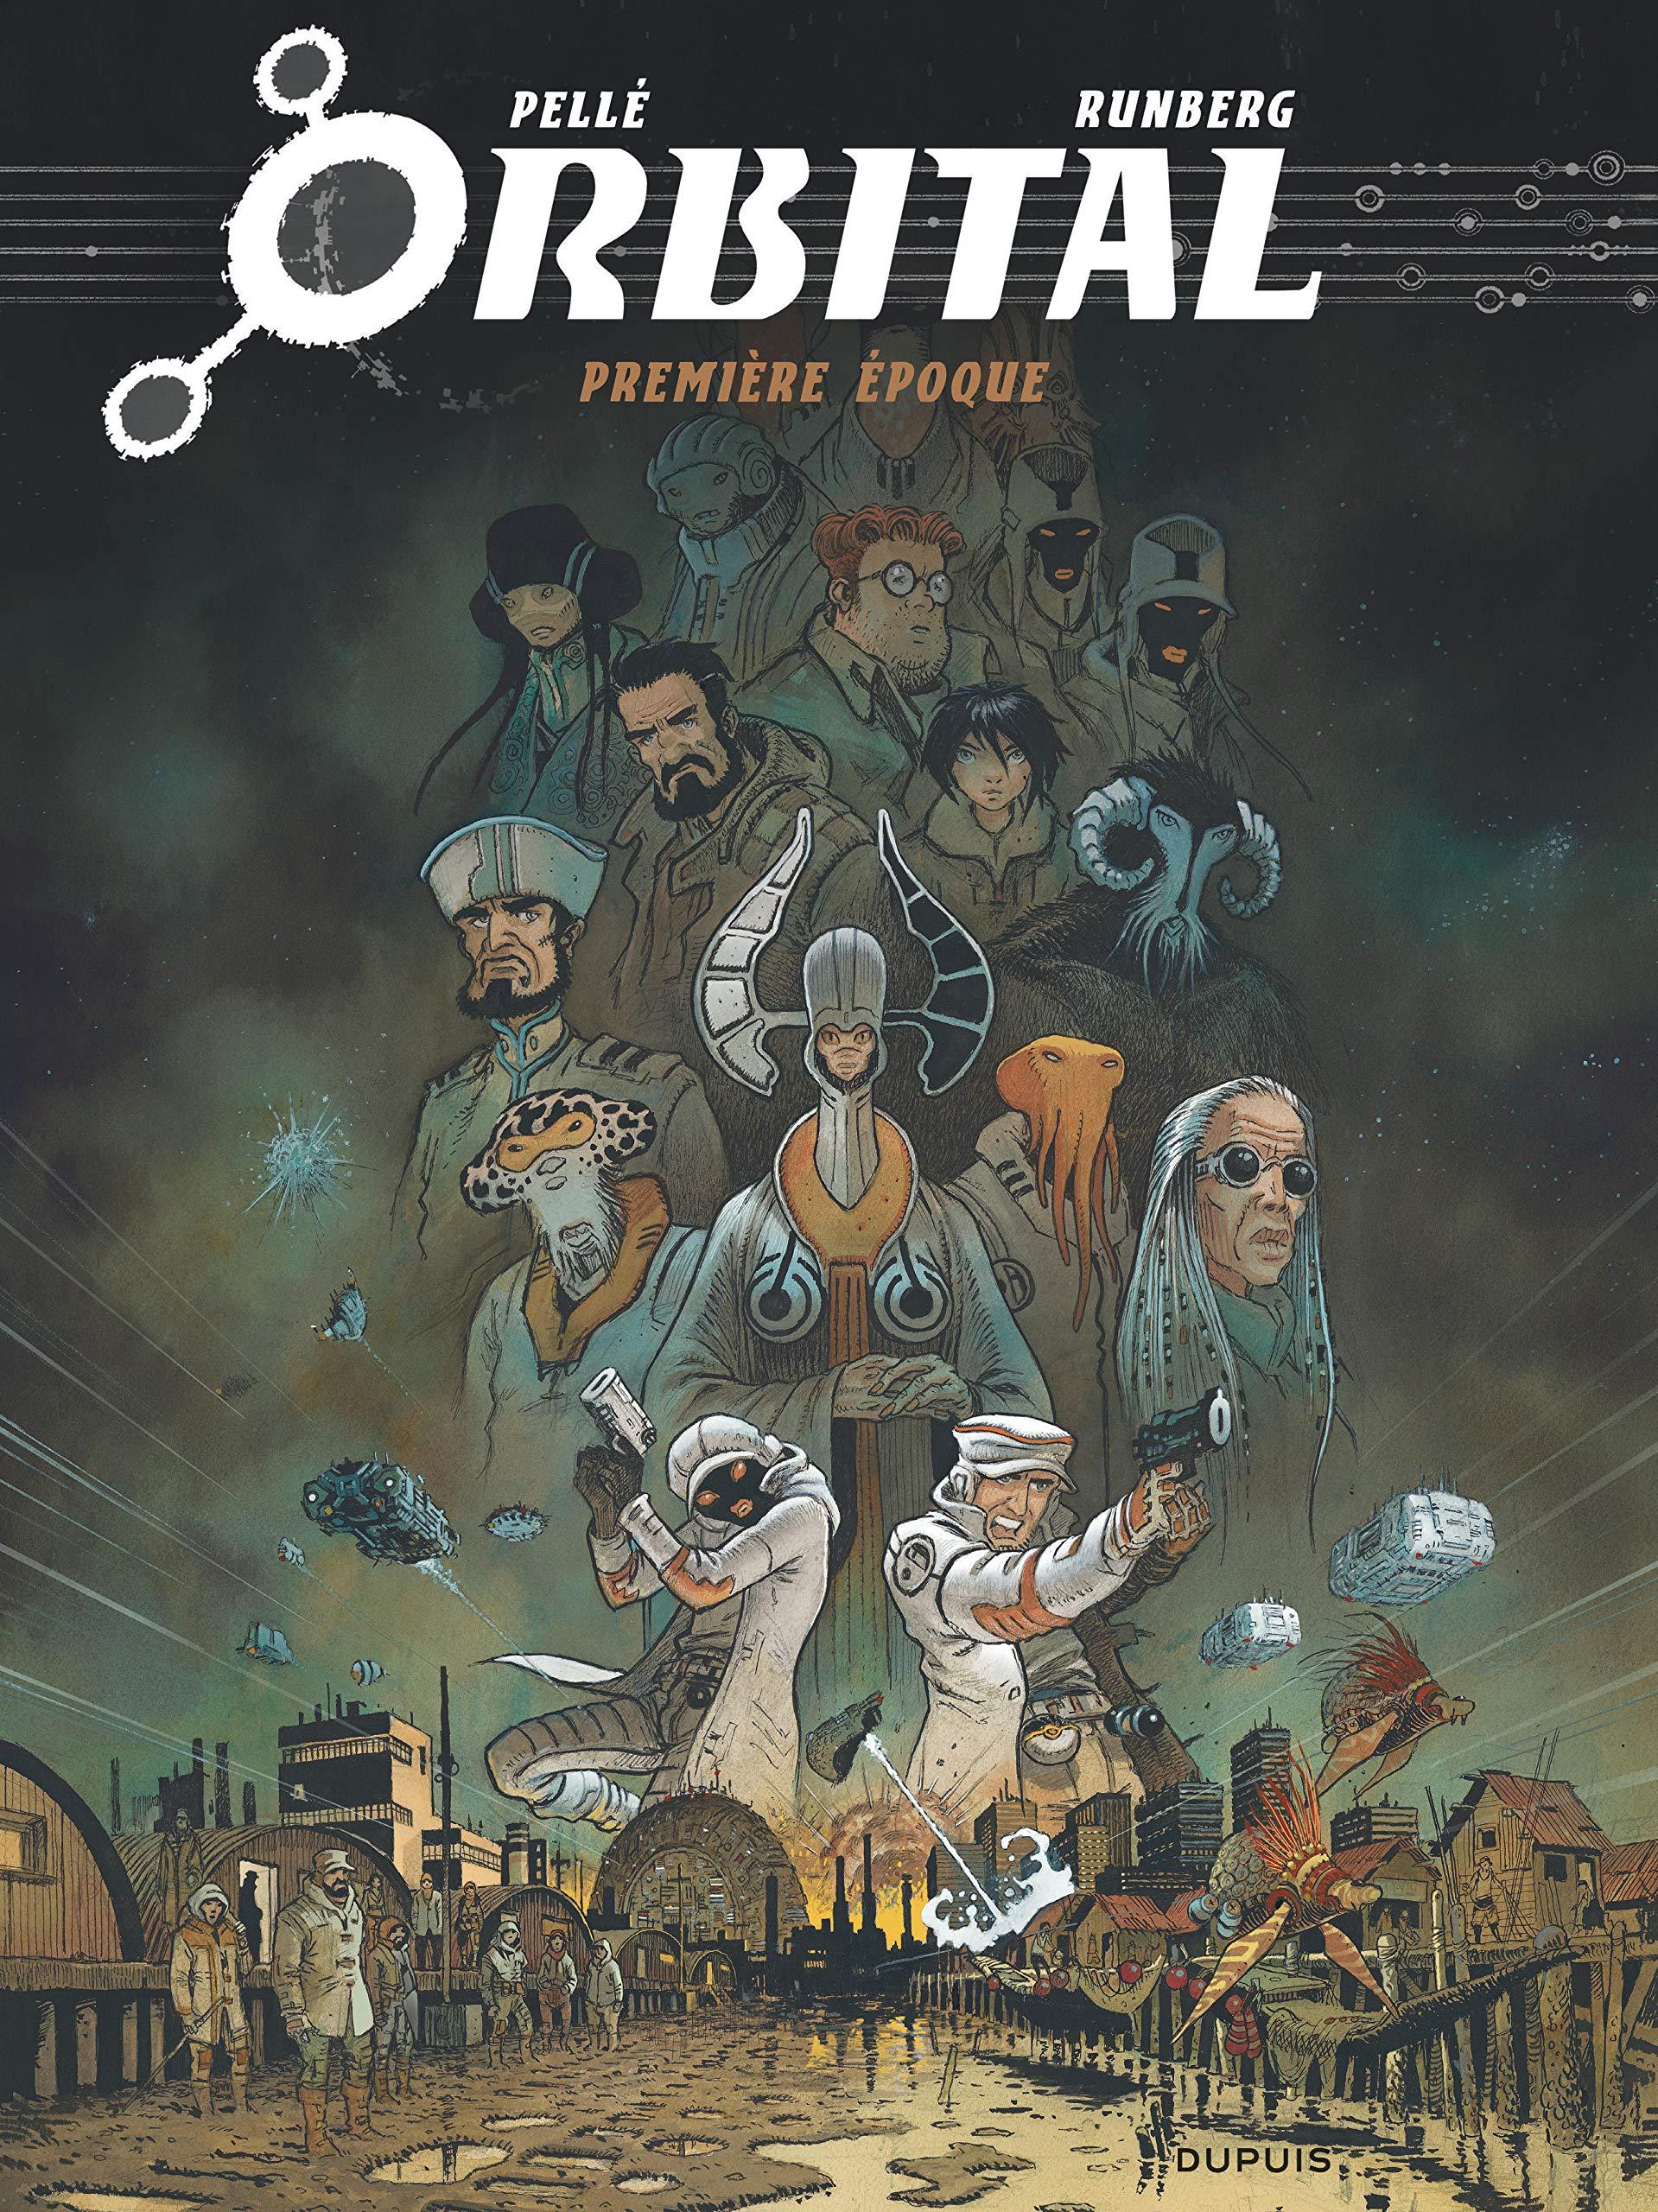 Orbital - L'intégrale tome 1: Première époque